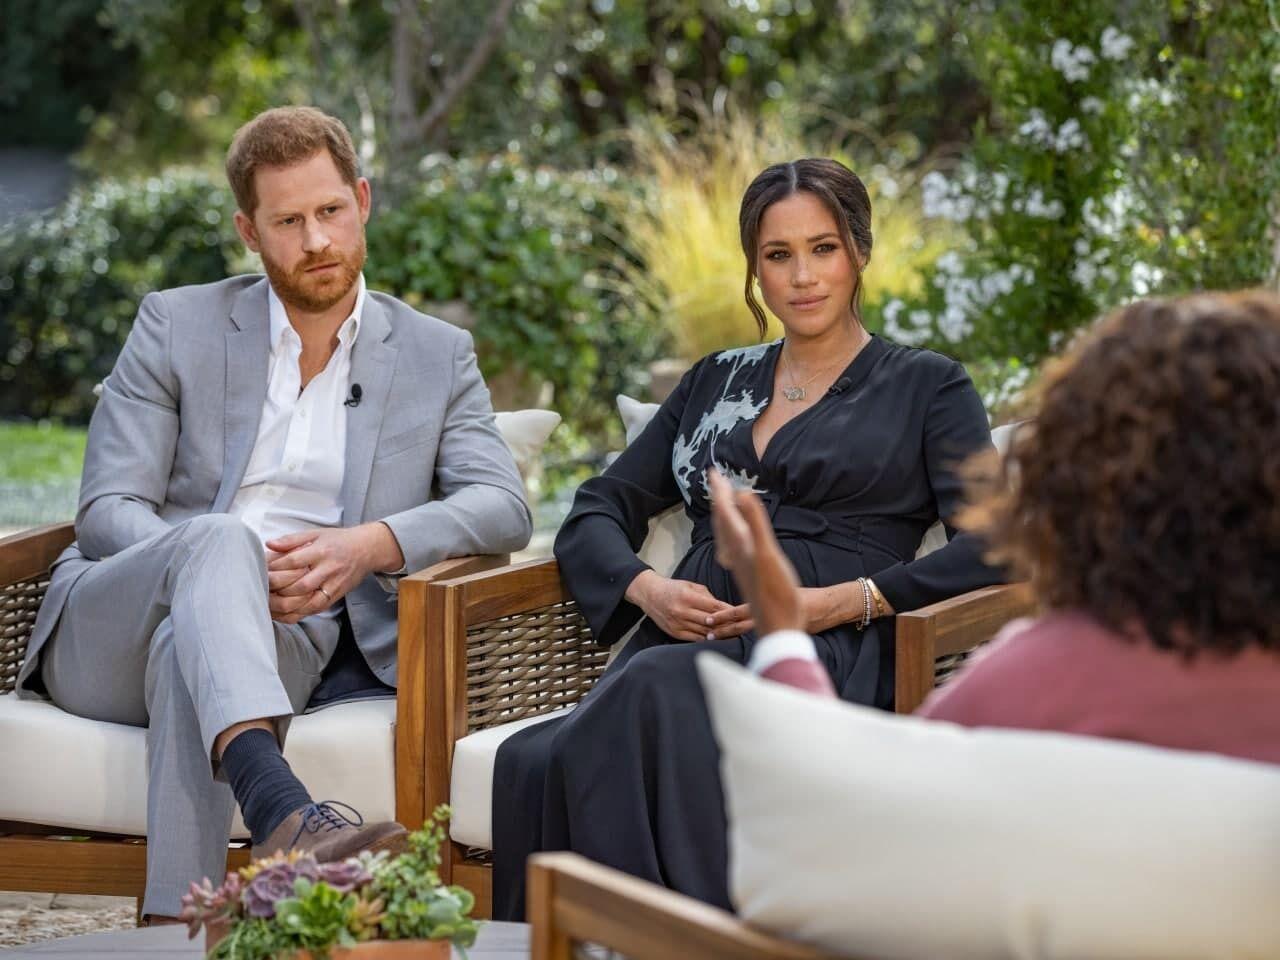 Меган Маркл и принц Гарри на интервью Опры Уинфри